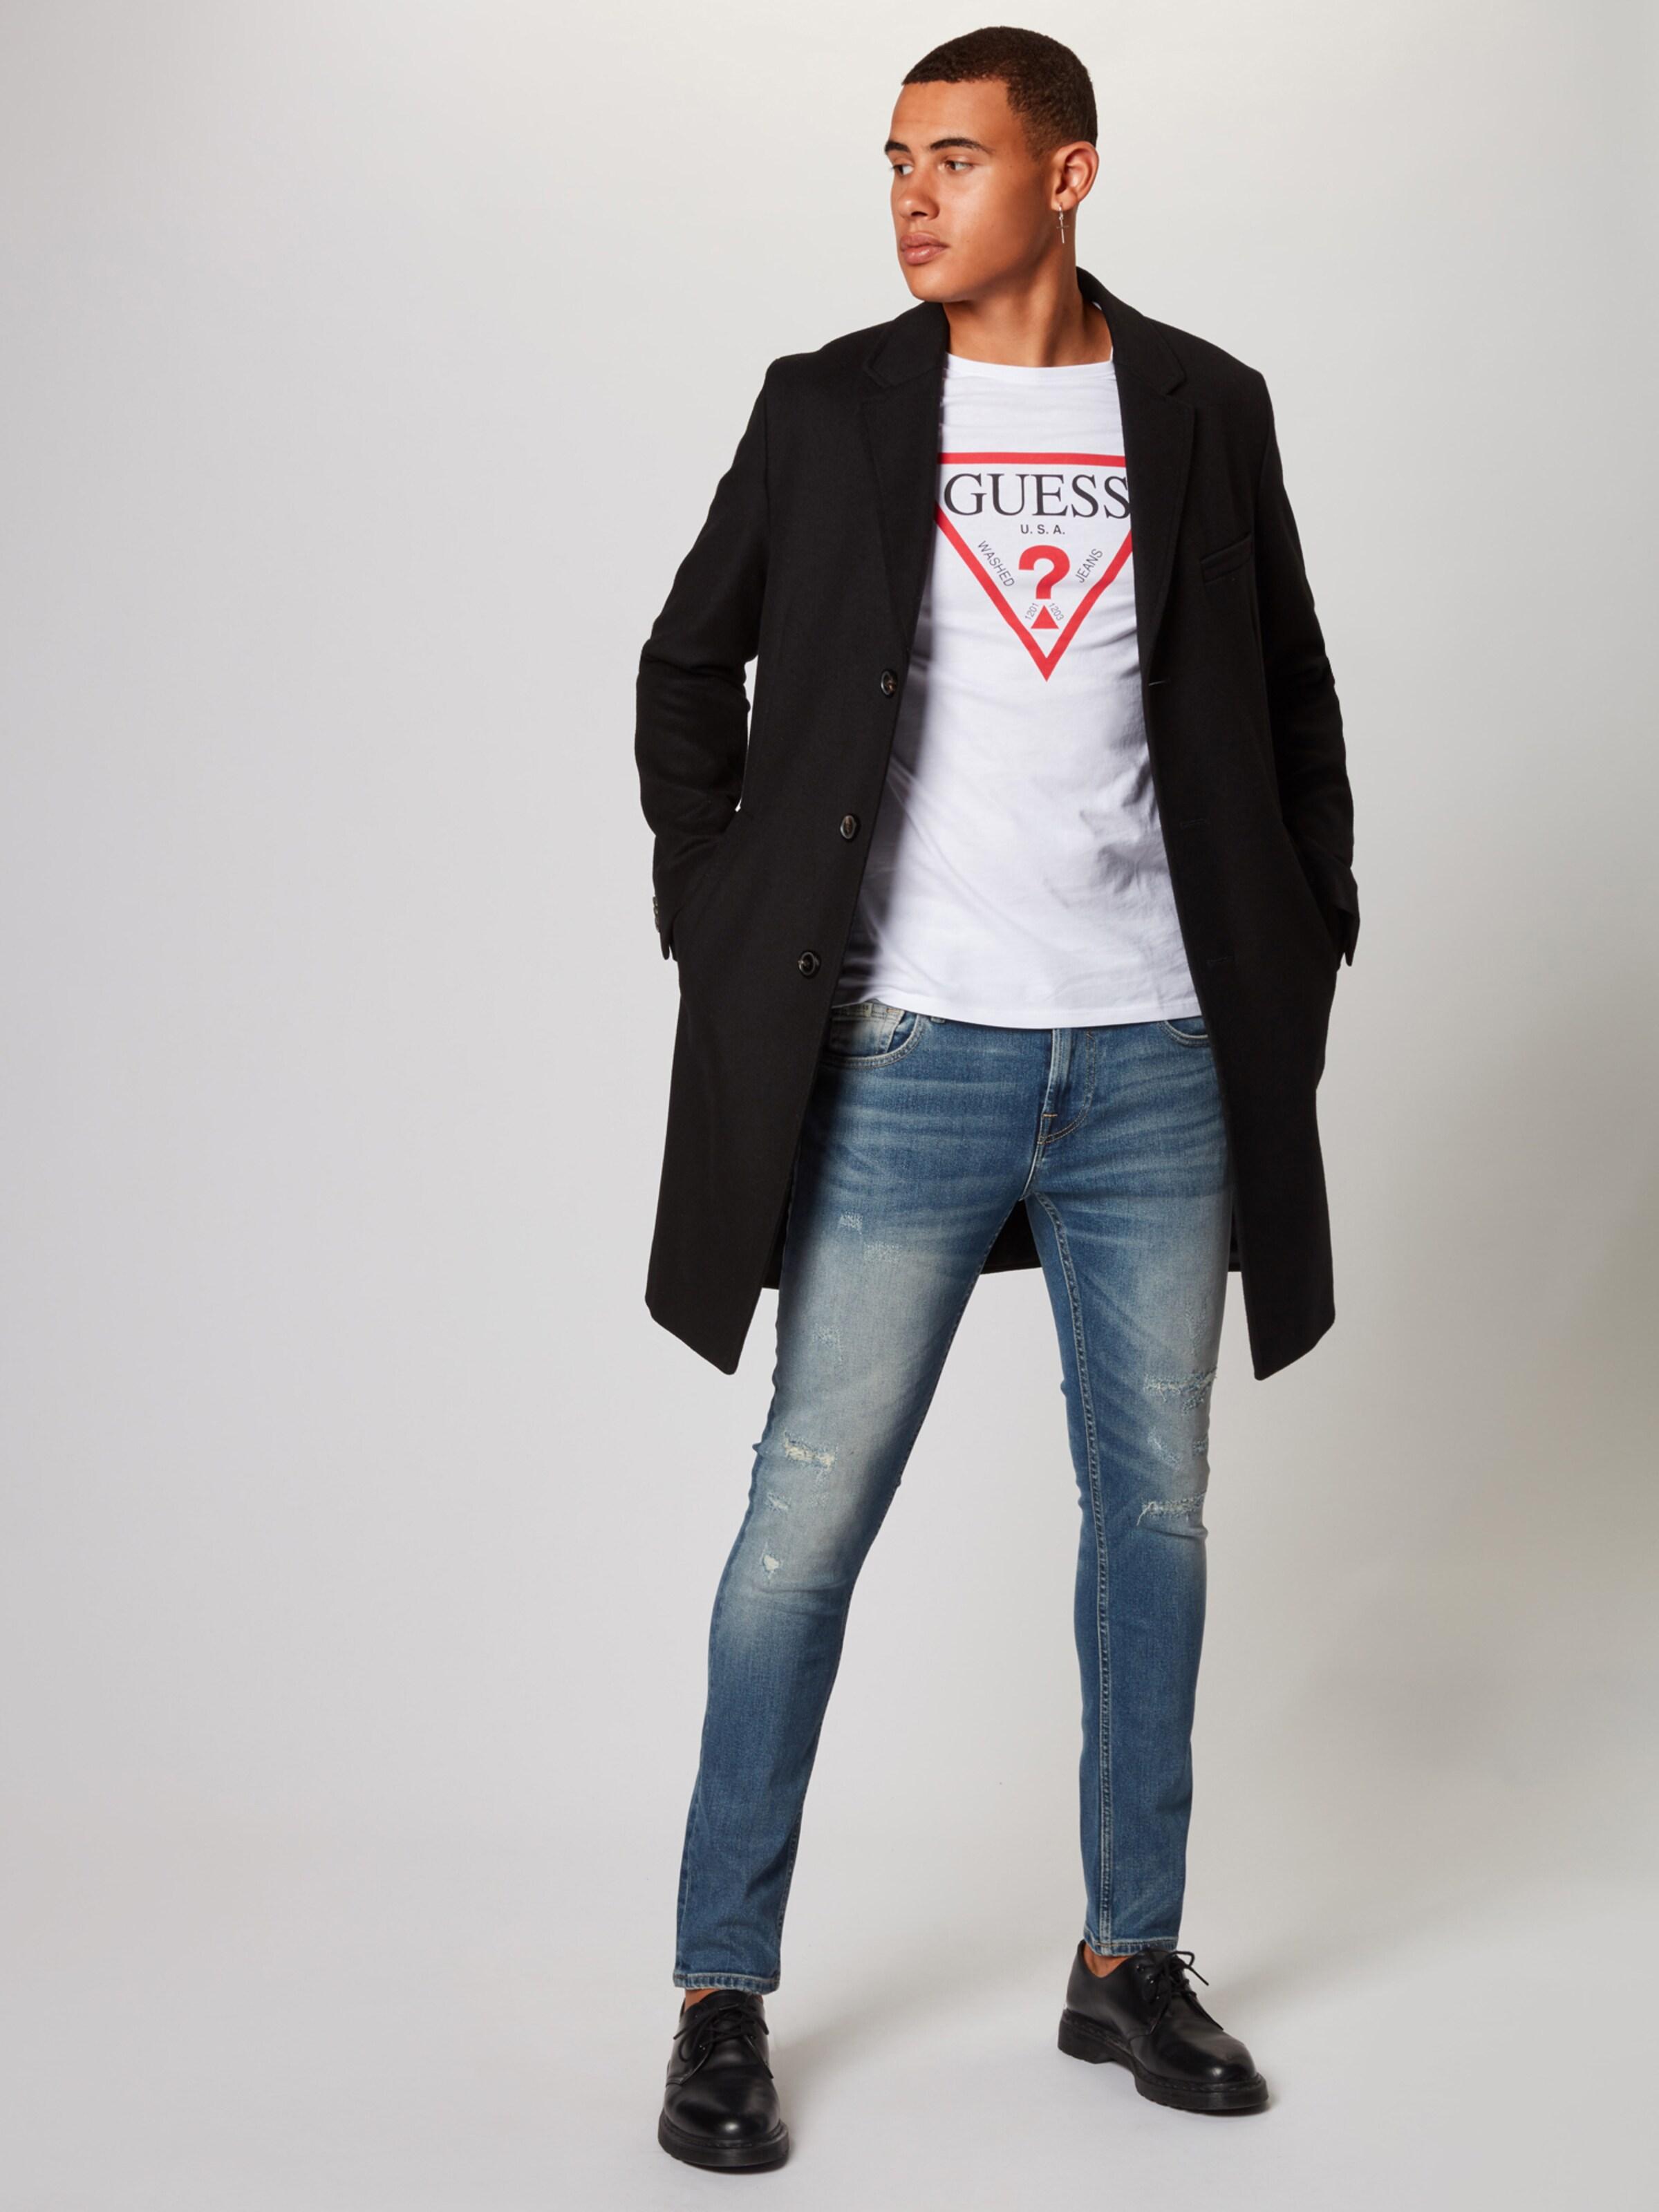 Guess Blue Denim 'miami' Jeans In zVUMSp